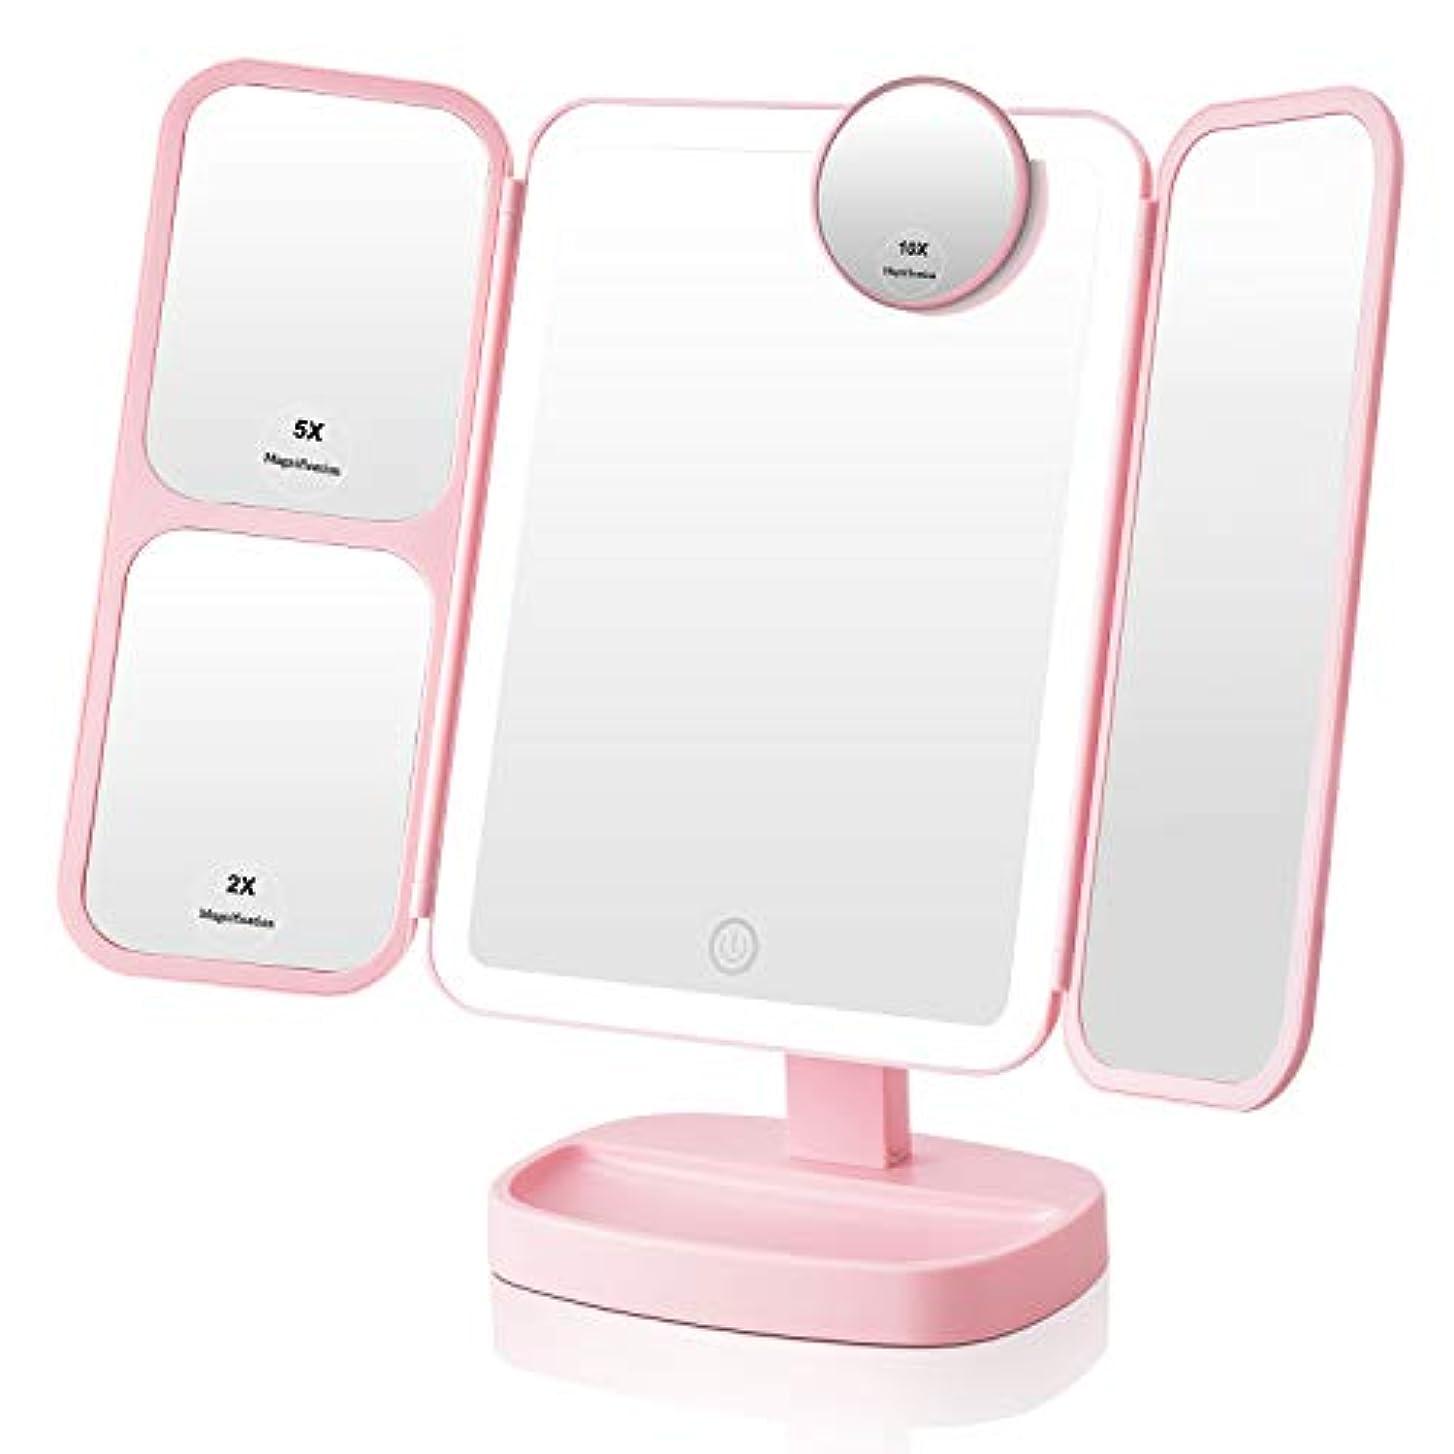 支払い人工バイバイEasehold 化粧鏡 三面鏡 化粧ミラー 卓上ミラー 鏡 led付き 折りたたみ 2&5&10倍拡大鏡付き 明るさ調節可能 180°回転 プレゼント(ピンク)